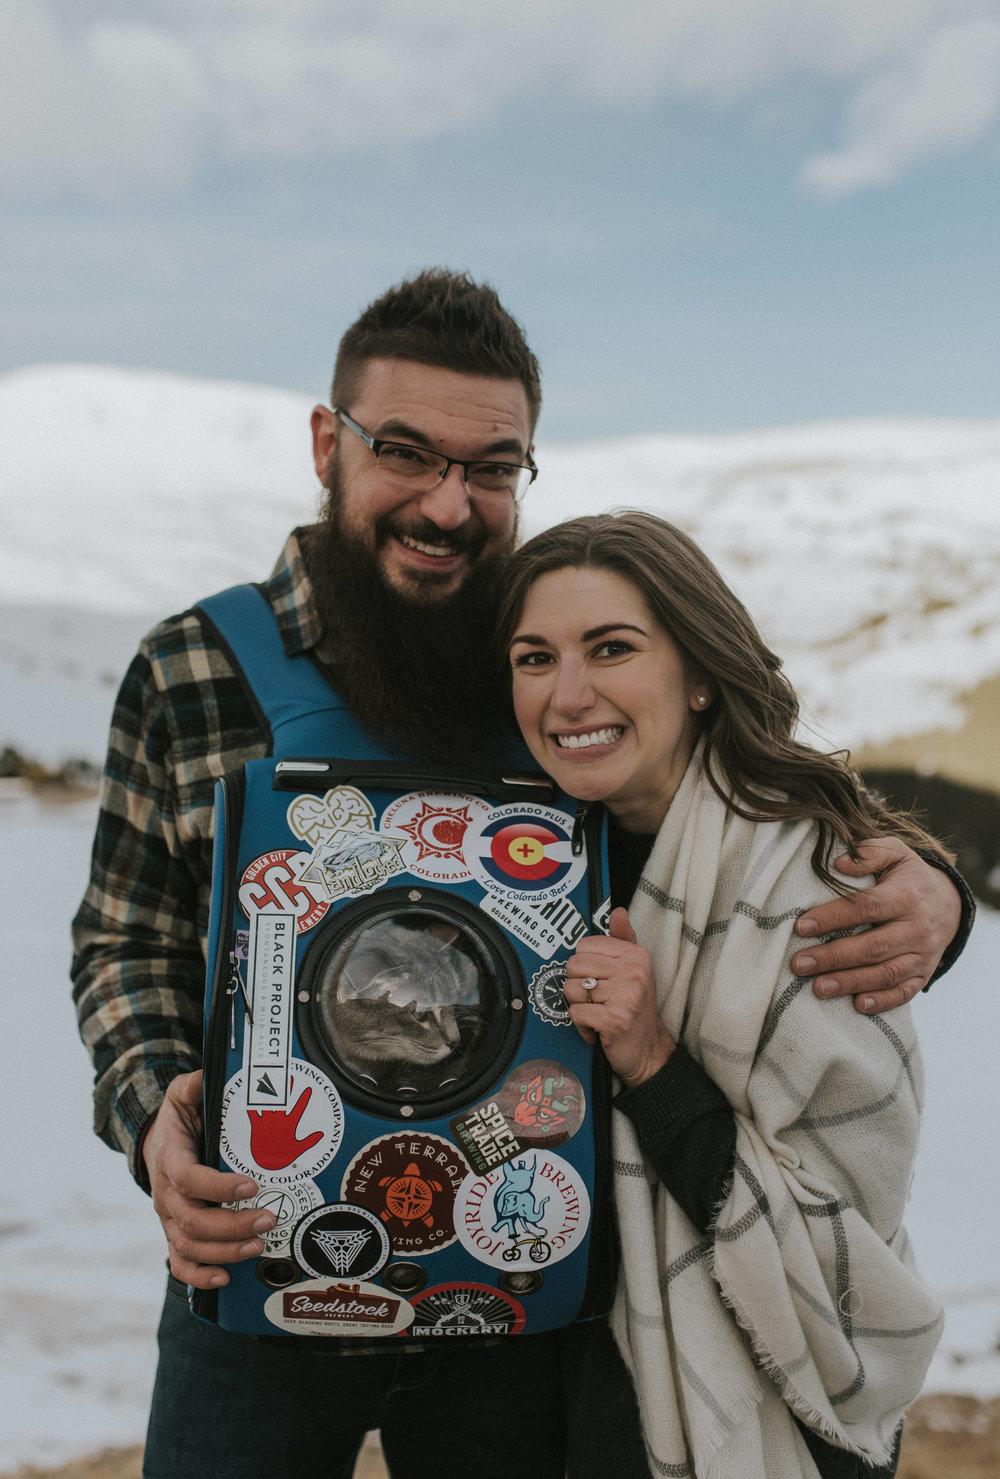 Denver, Colorado based destination adventure wedding photographer.